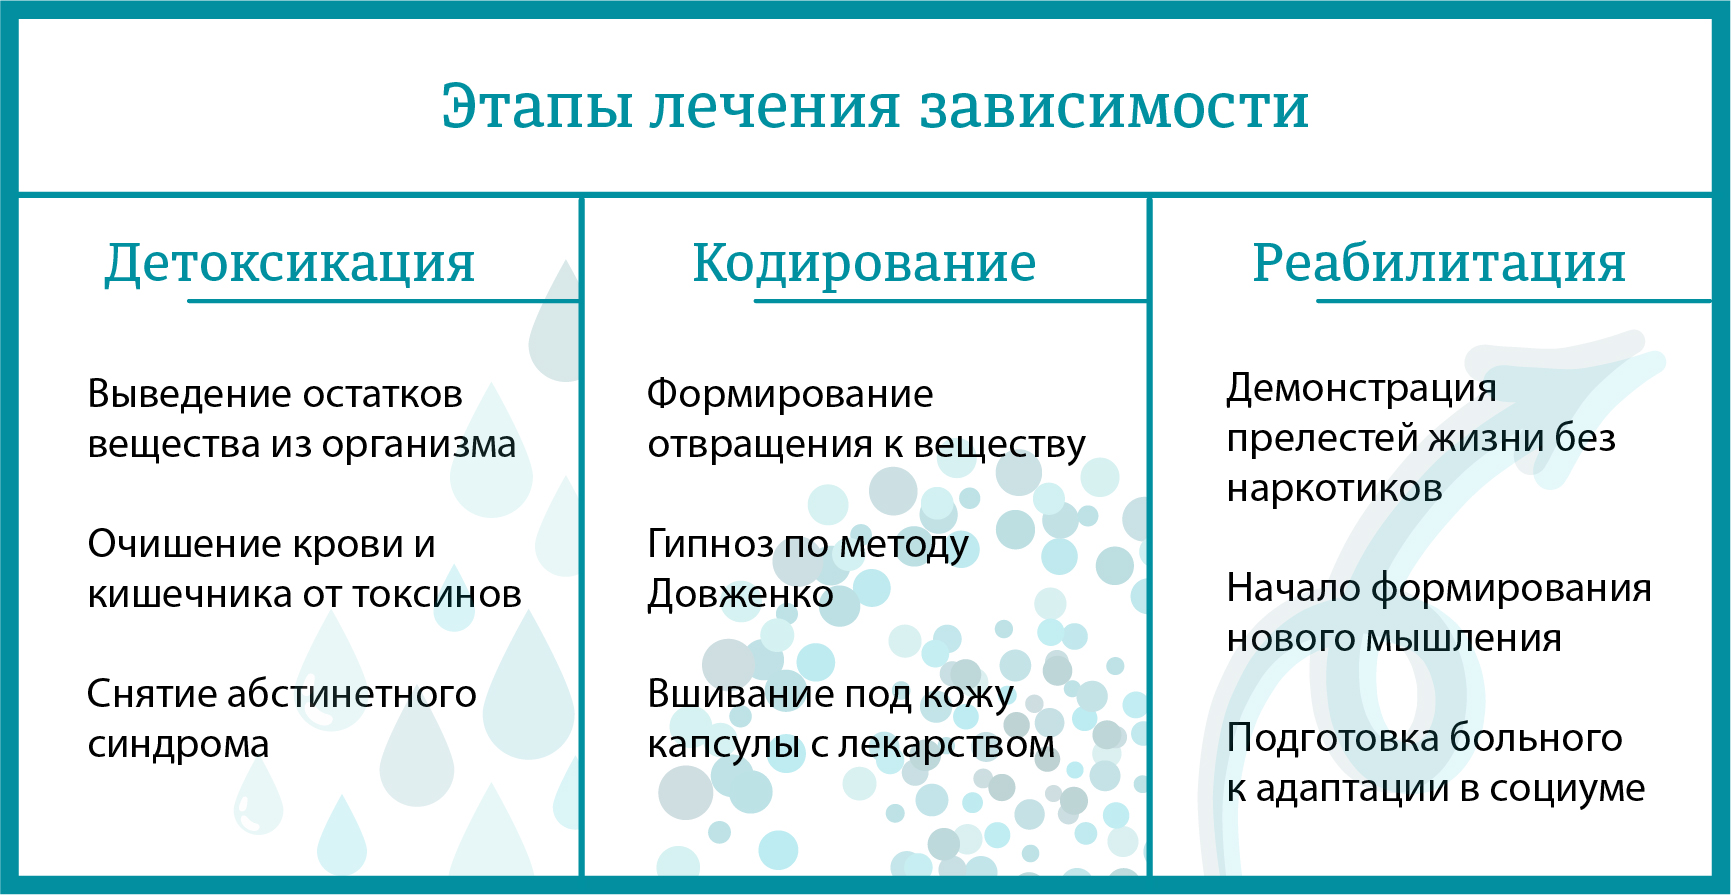 этапы лечения зависимого в Городище